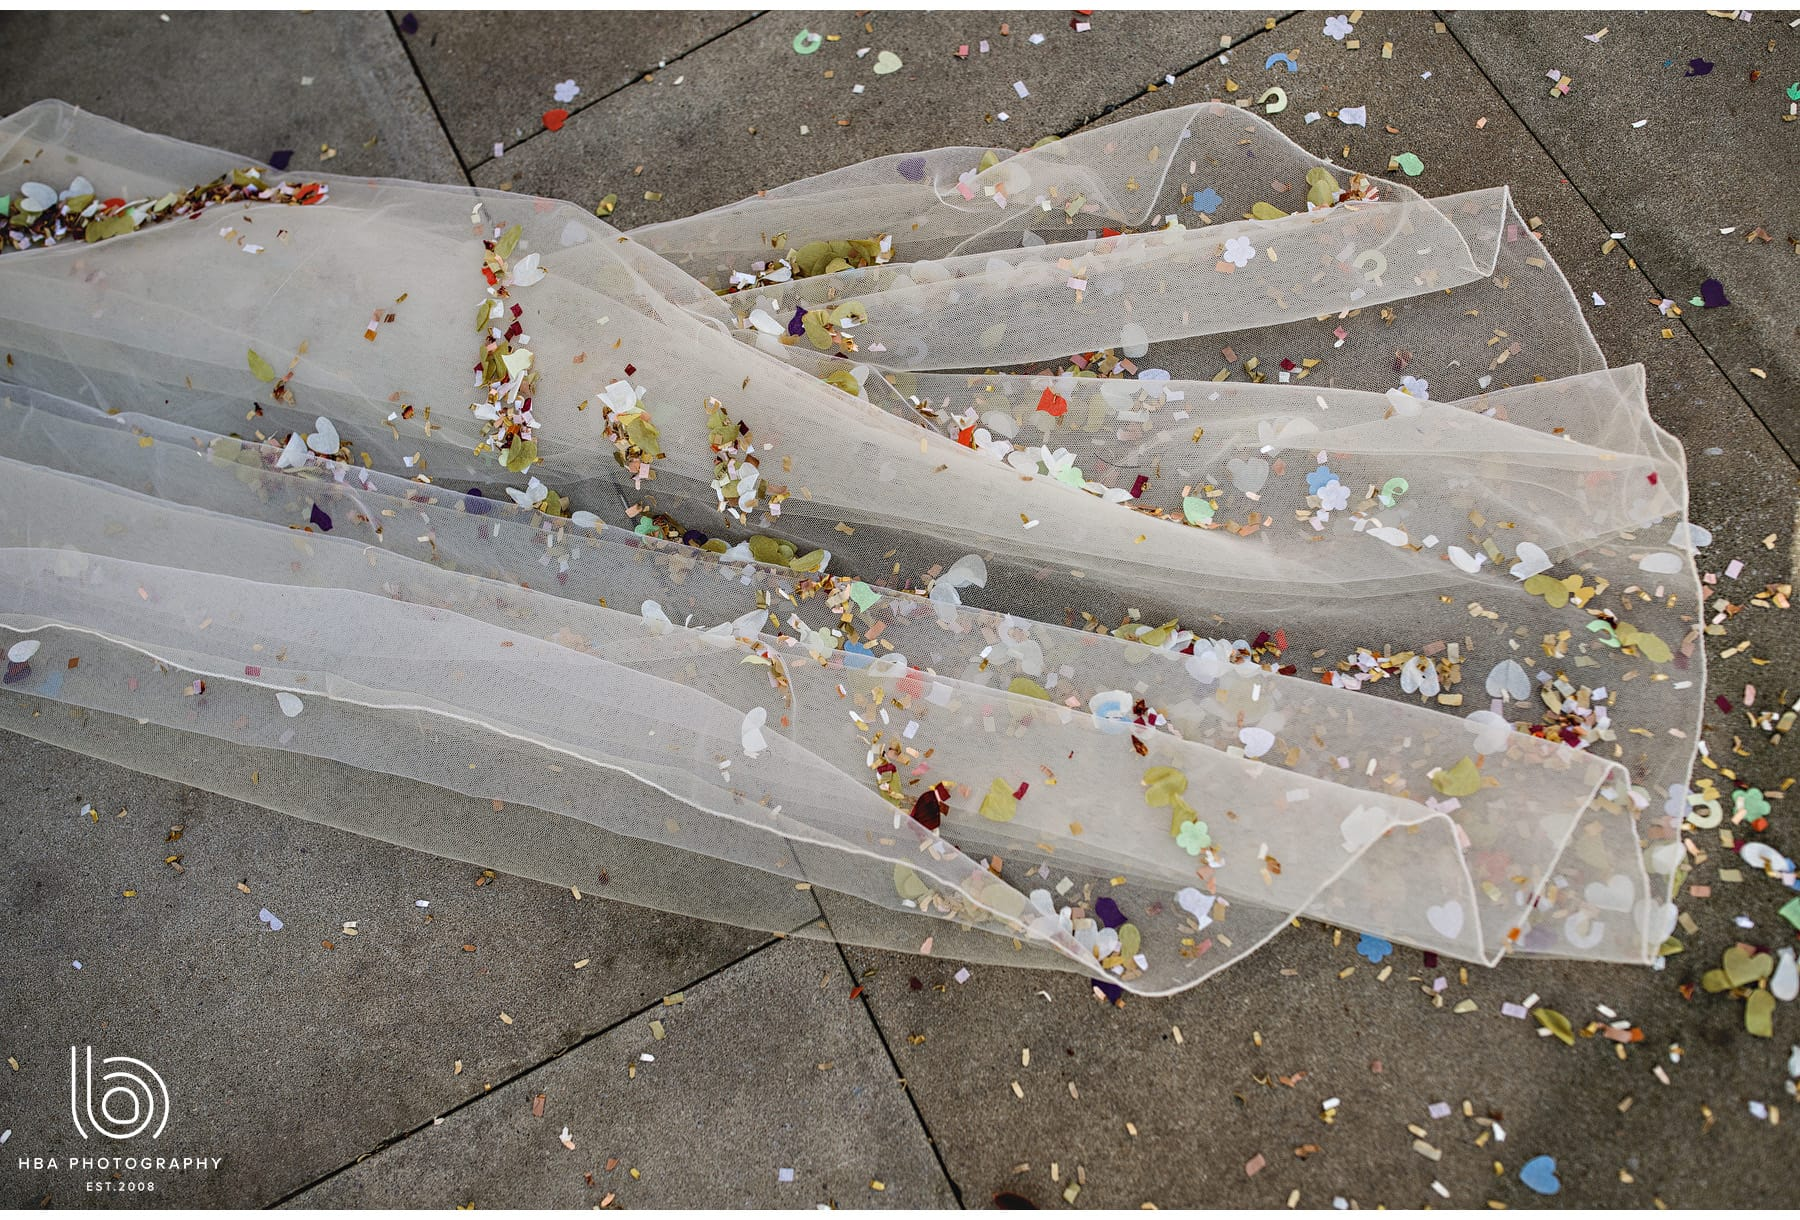 the bride's dress covered in confetti